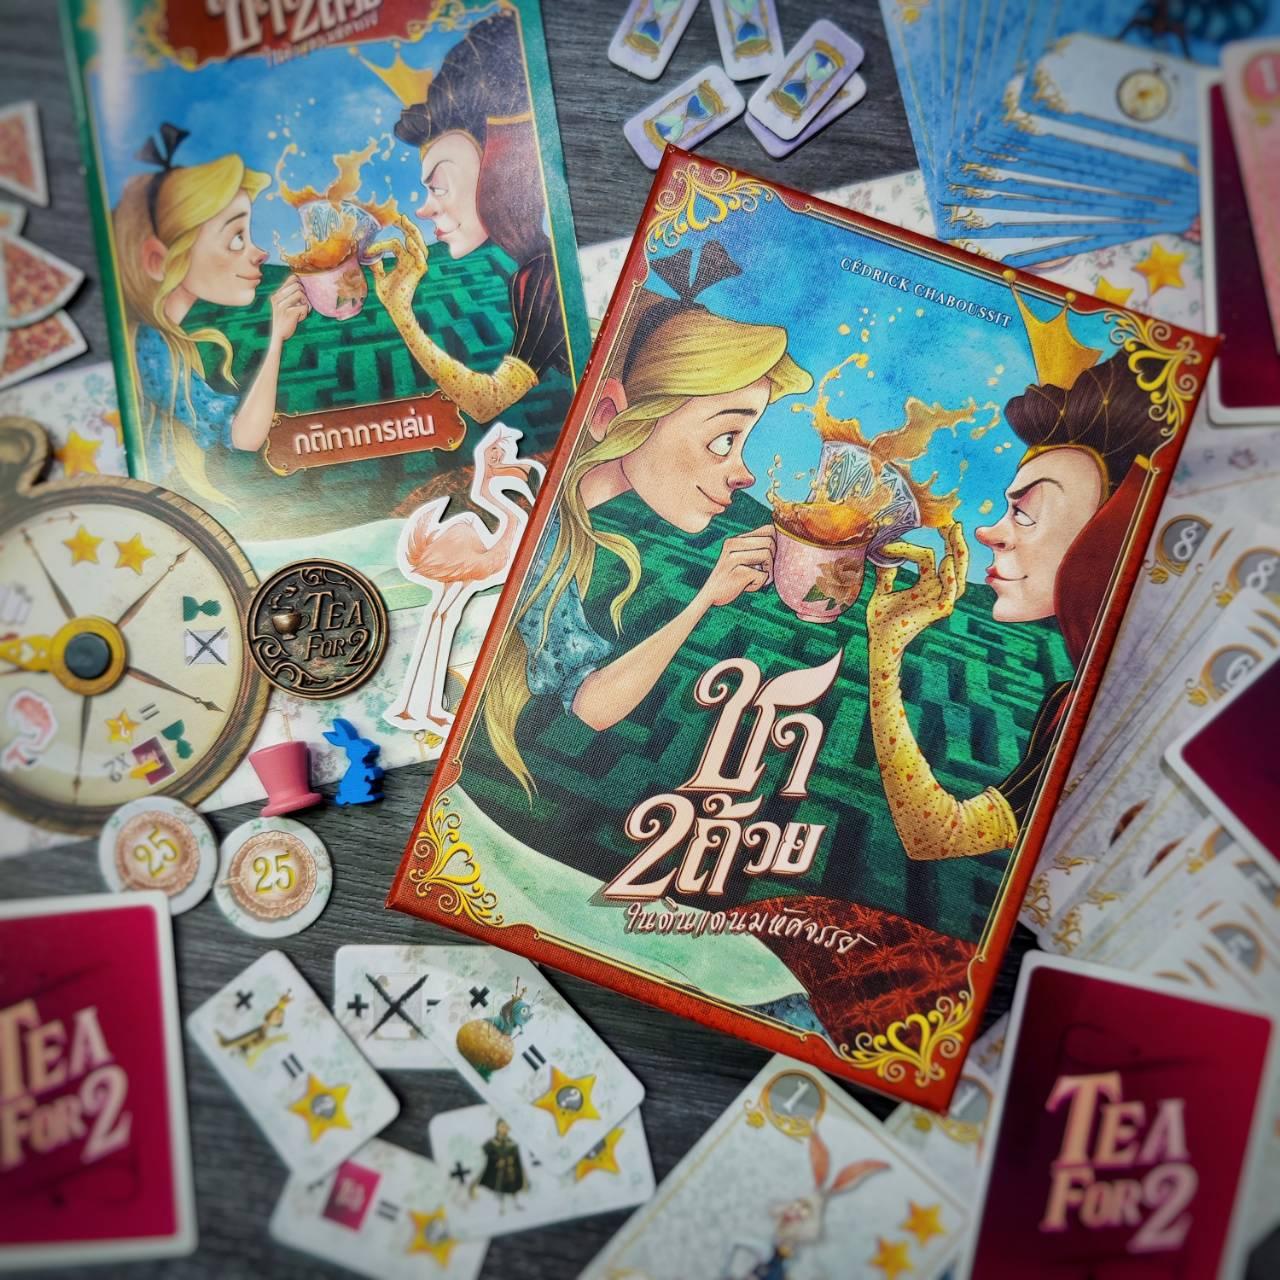 บอร์ดเกมเล่น 2 คน ในธีม Alice in wonderland